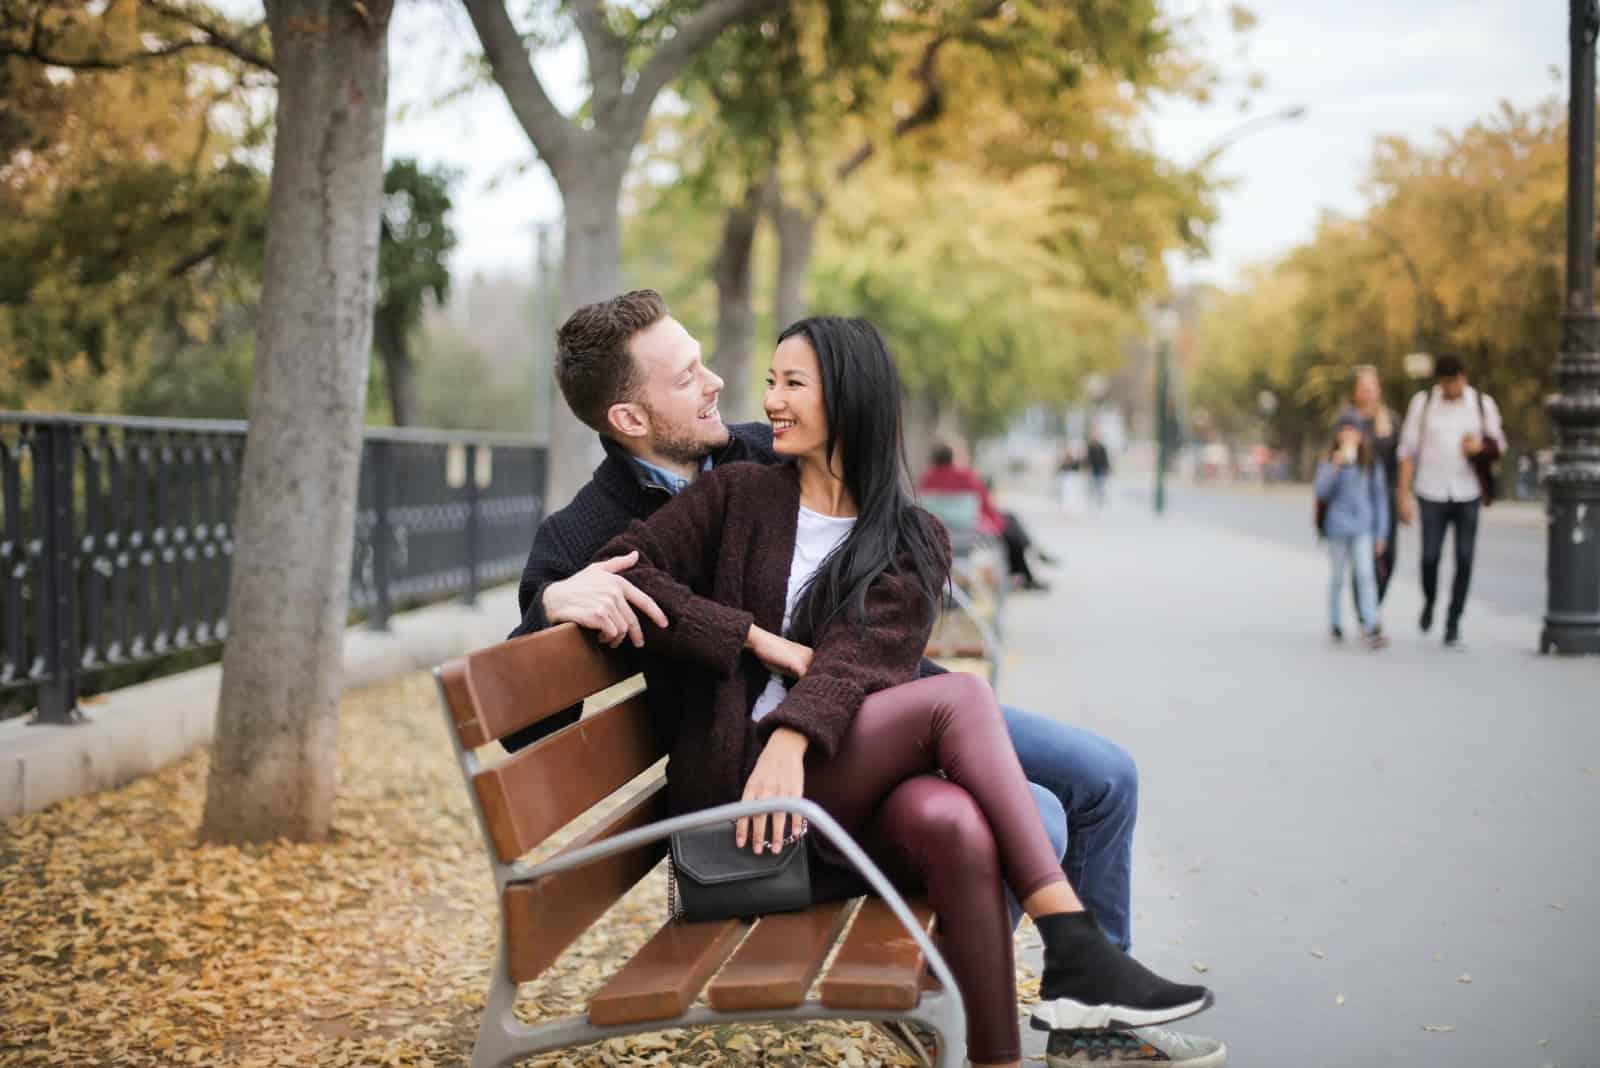 homme et femme souriant alors qu'il était assis sur un banc